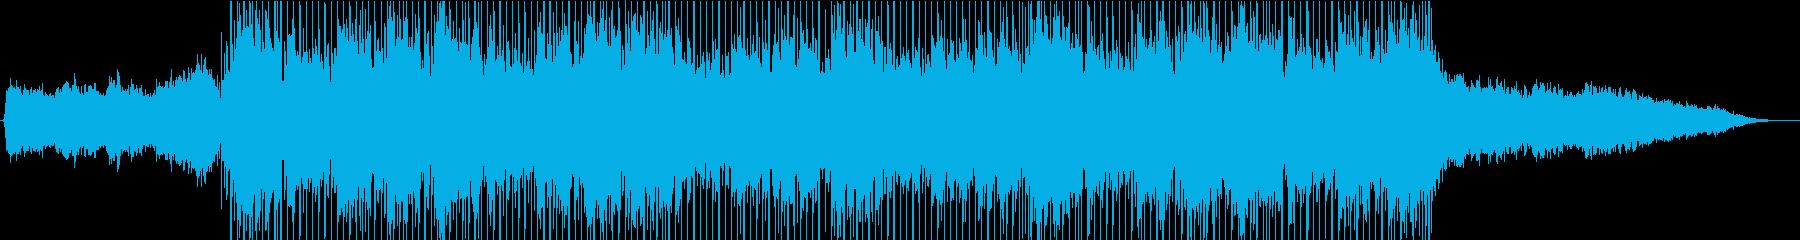 レトロで都会的なSynthwaveの再生済みの波形